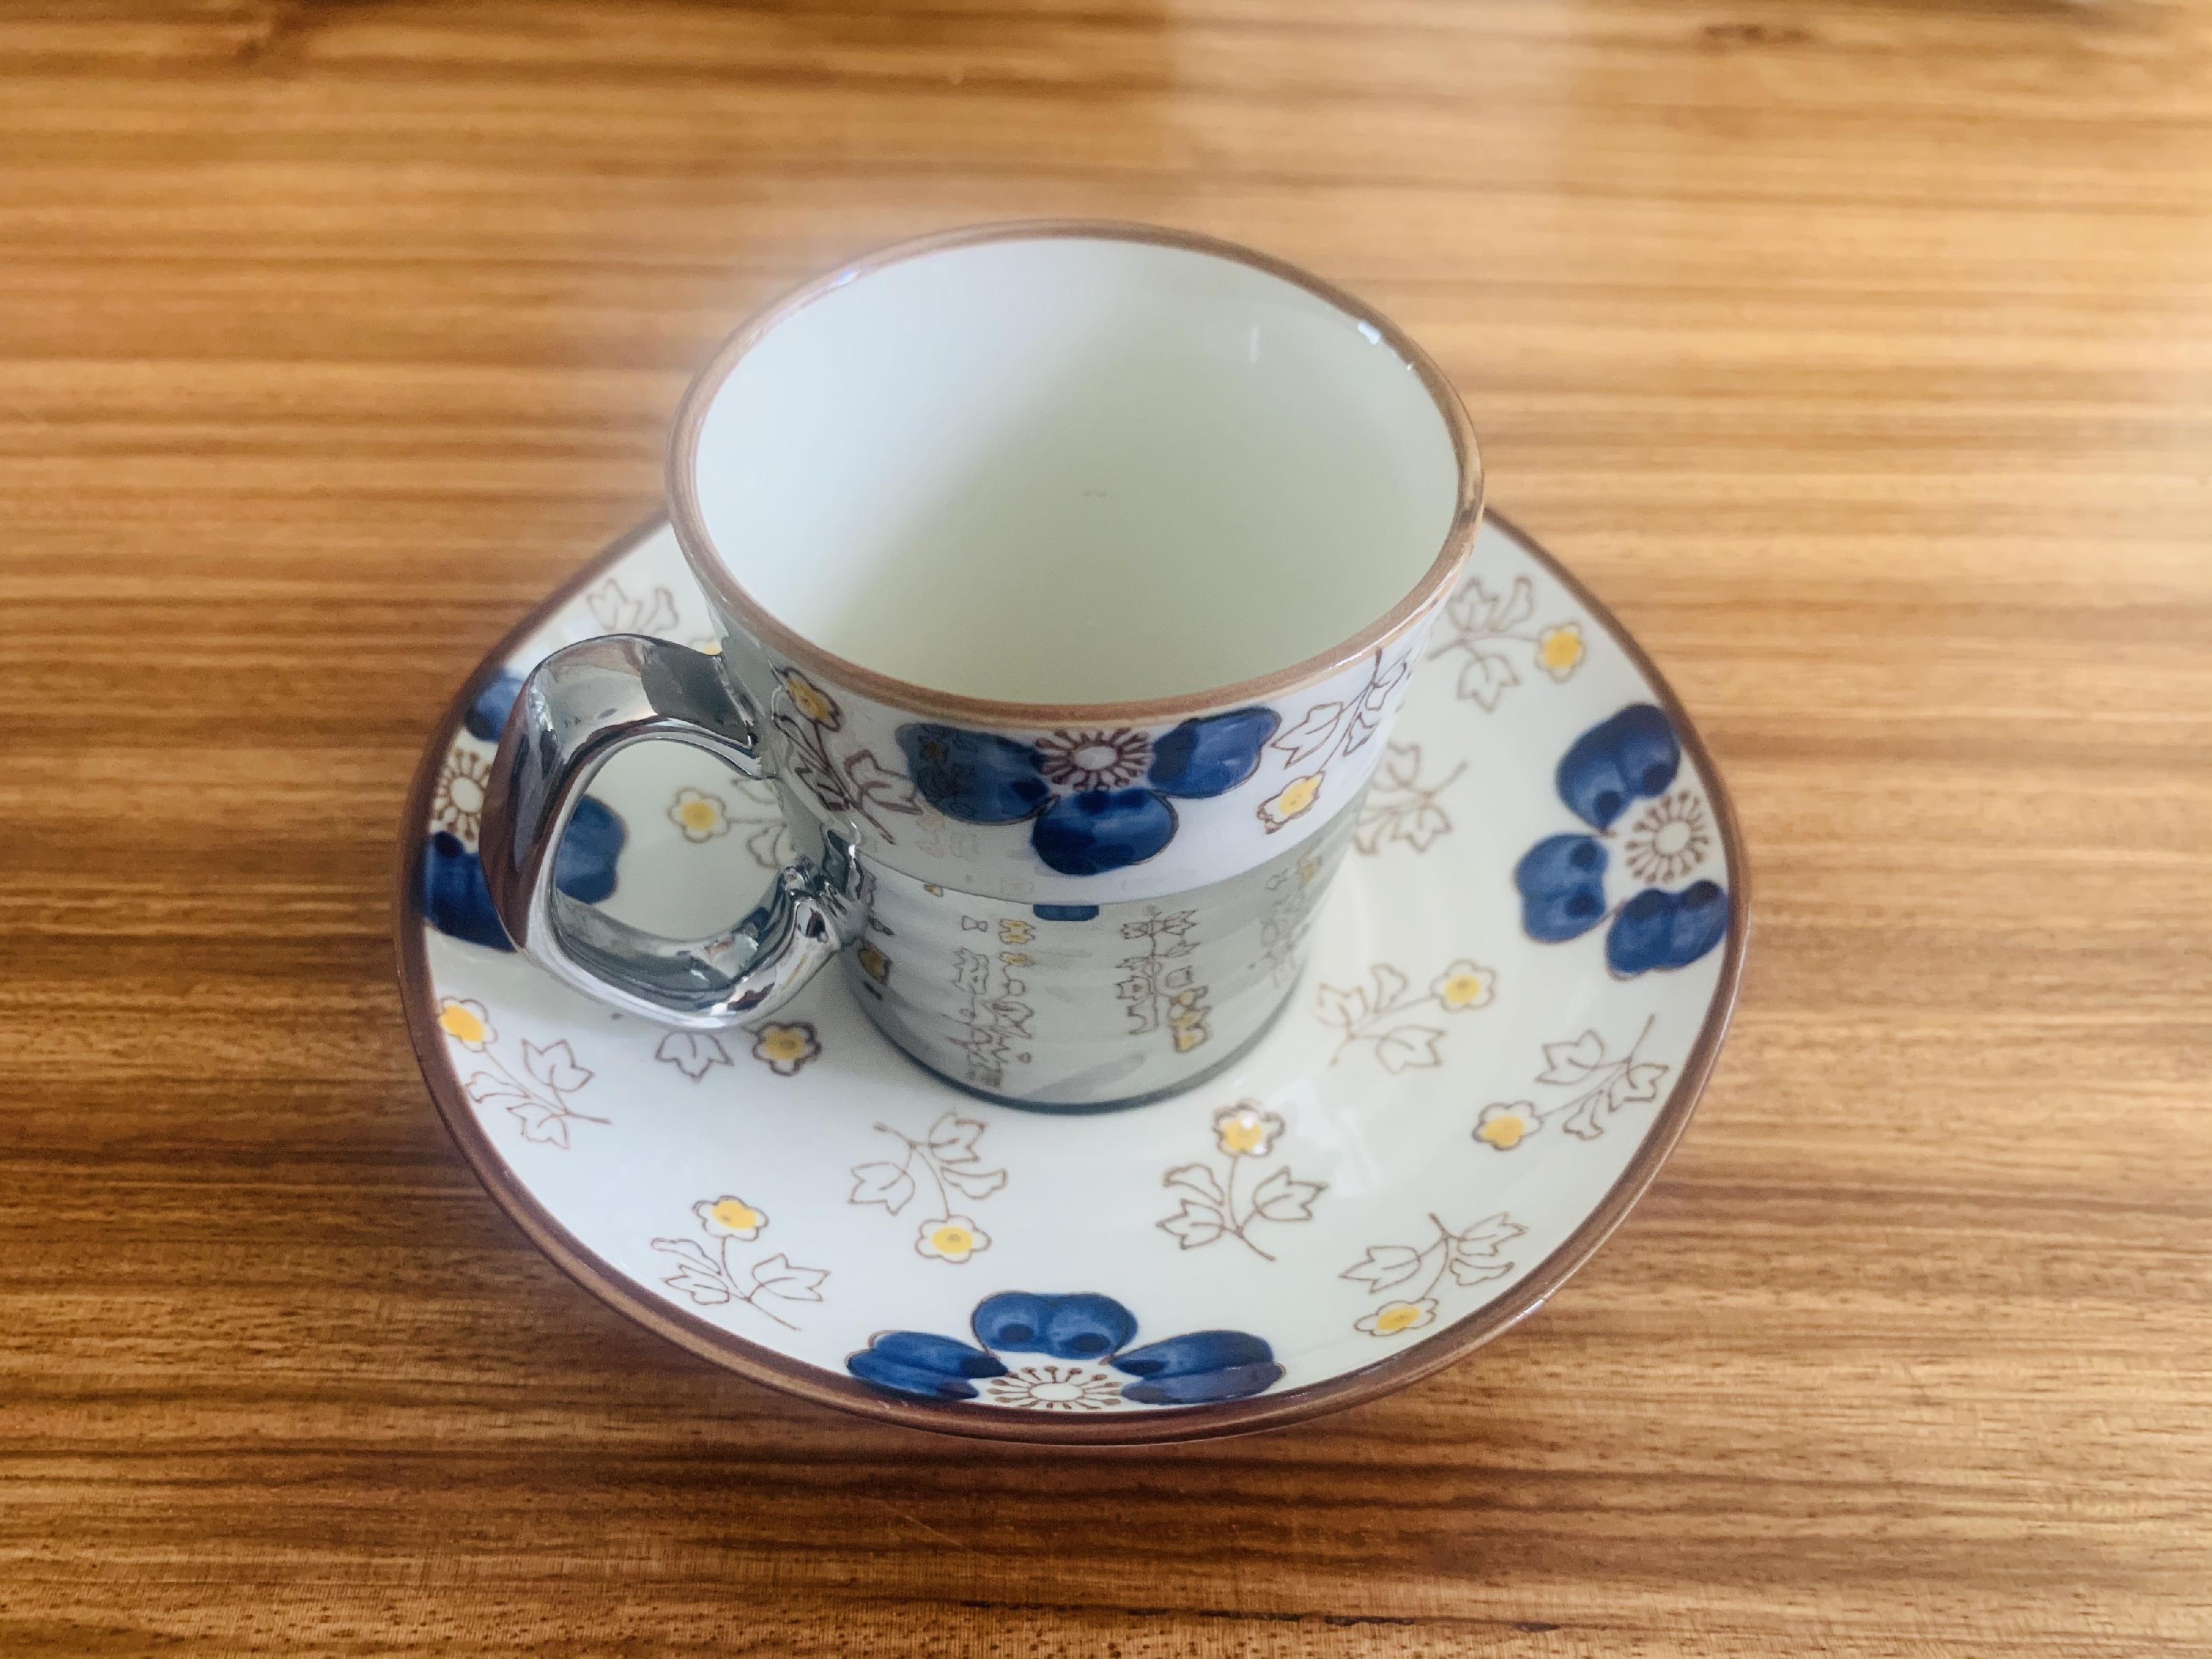 格物匠心品牌厚烧咖啡杯